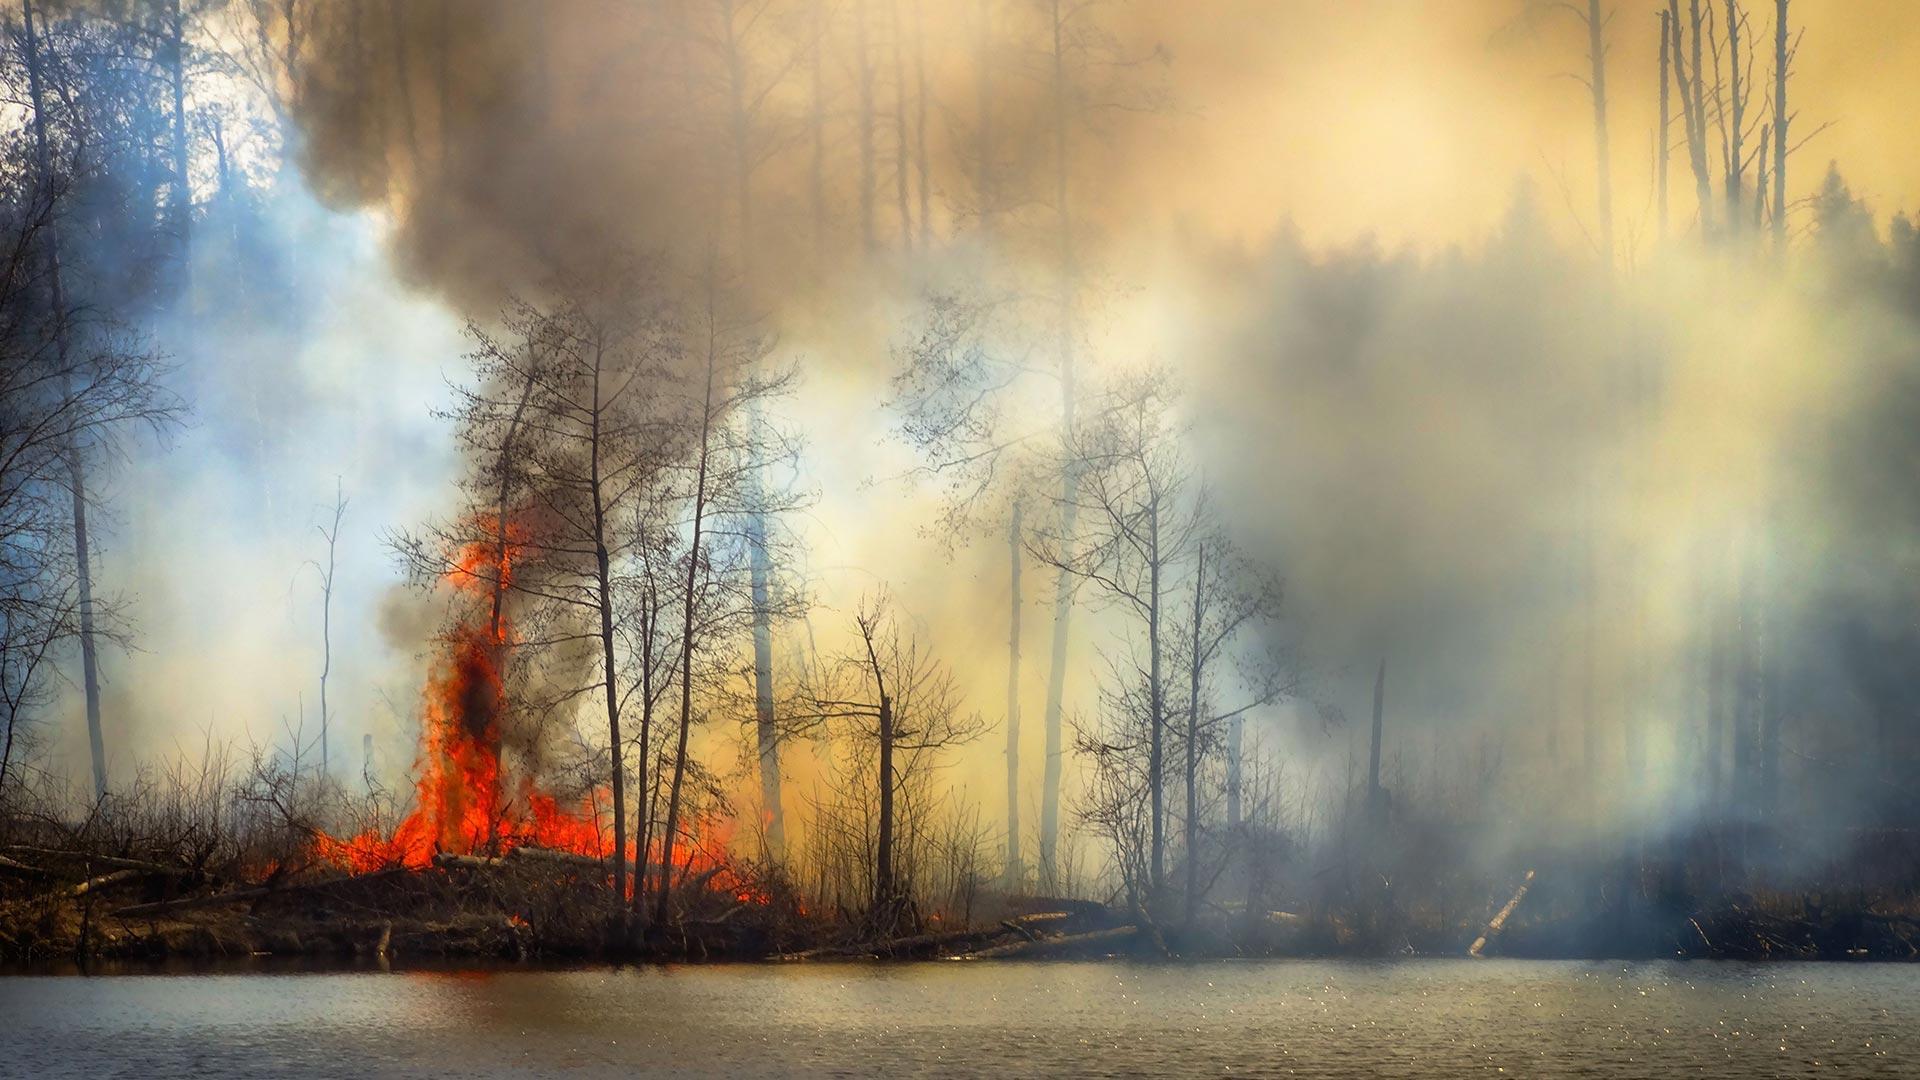 Лесные пожары увеличивают риск заражения коронавирусом в близлежащих городах